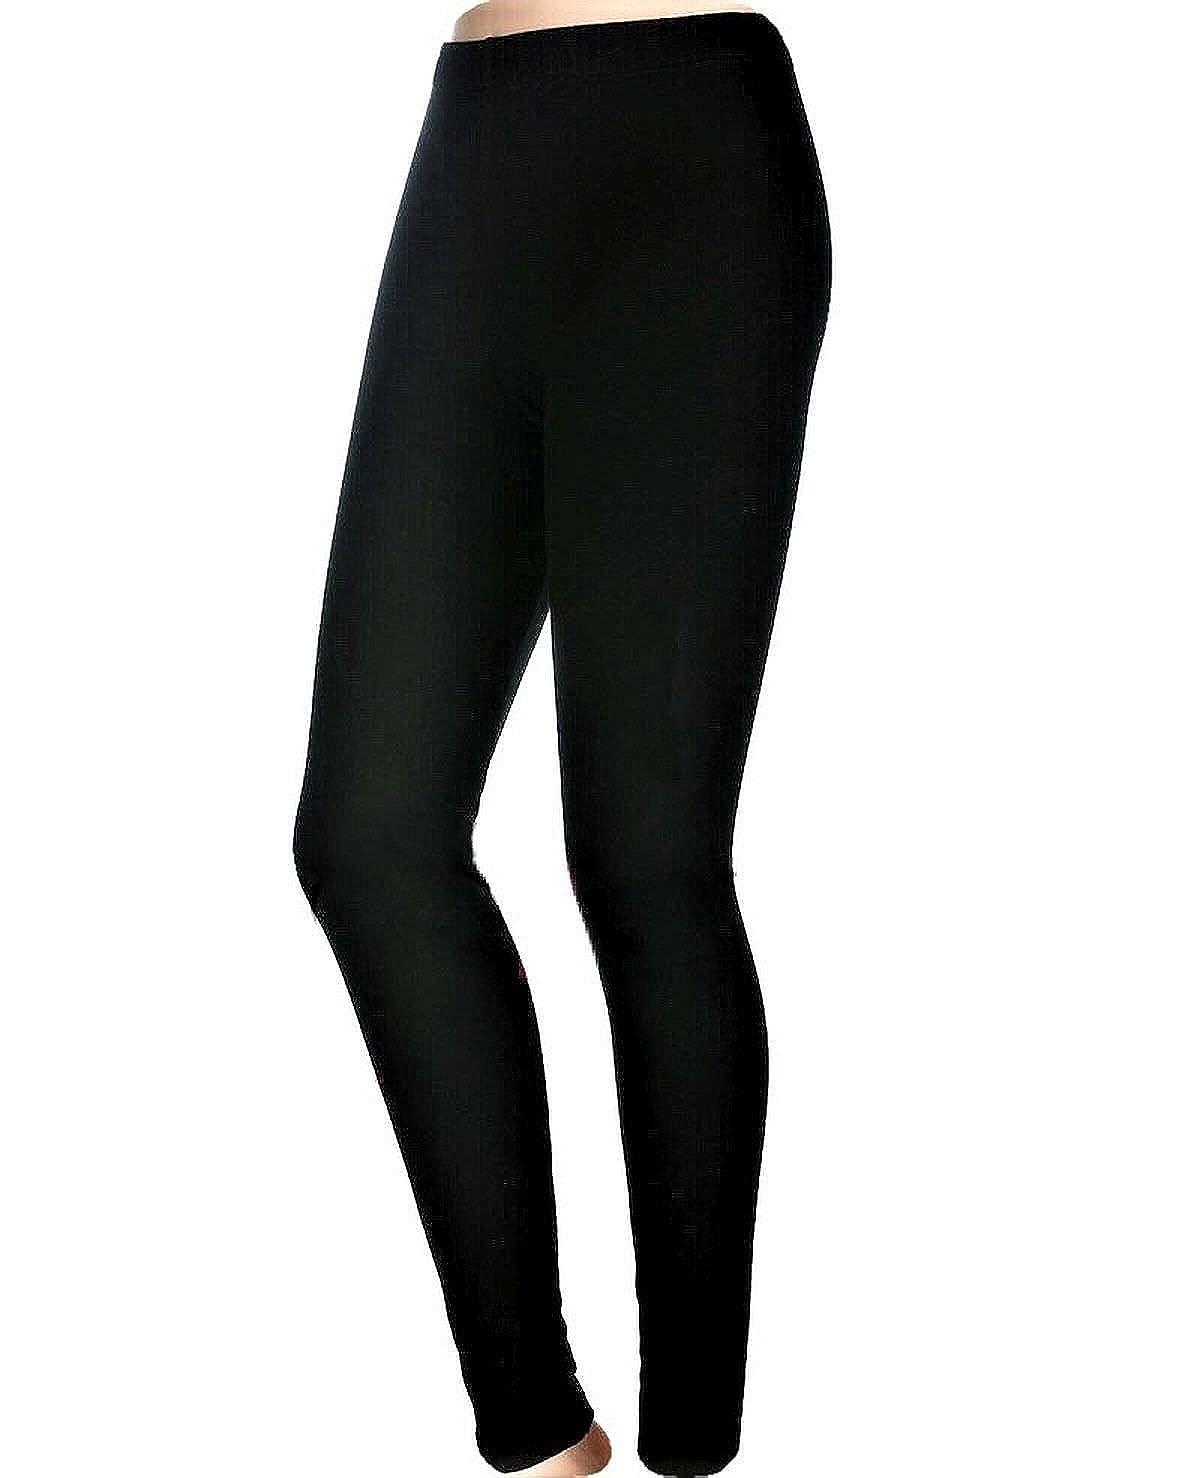 JADEA LEGGINGS PANTACOLLANT DONNA ARTICOLO WINTER IN COTONE FELPATO - Effetto termico, confortevole e caldo. Disponibile nei colori Nero e Blu